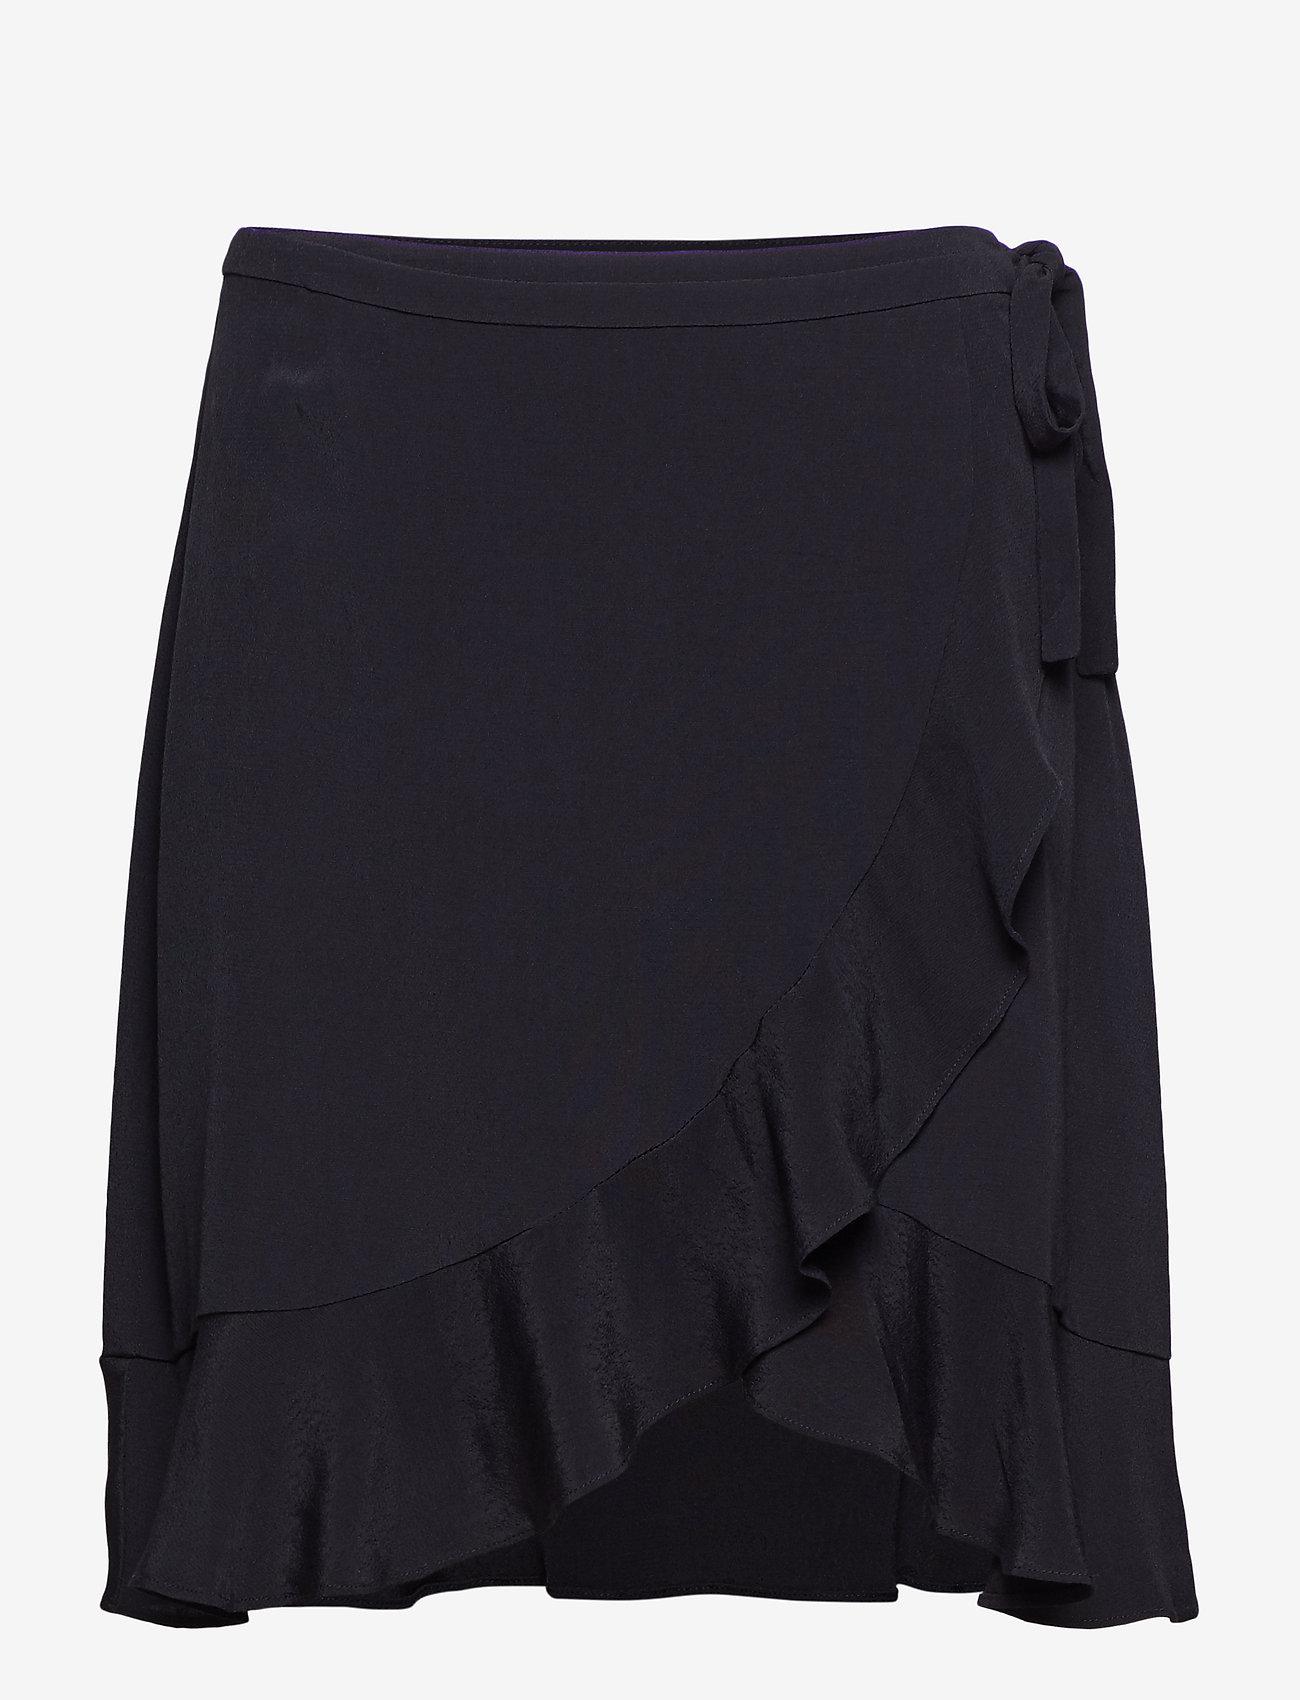 Samsøe Samsøe - Limon s wrap skirt 6515 - lyhyet - black